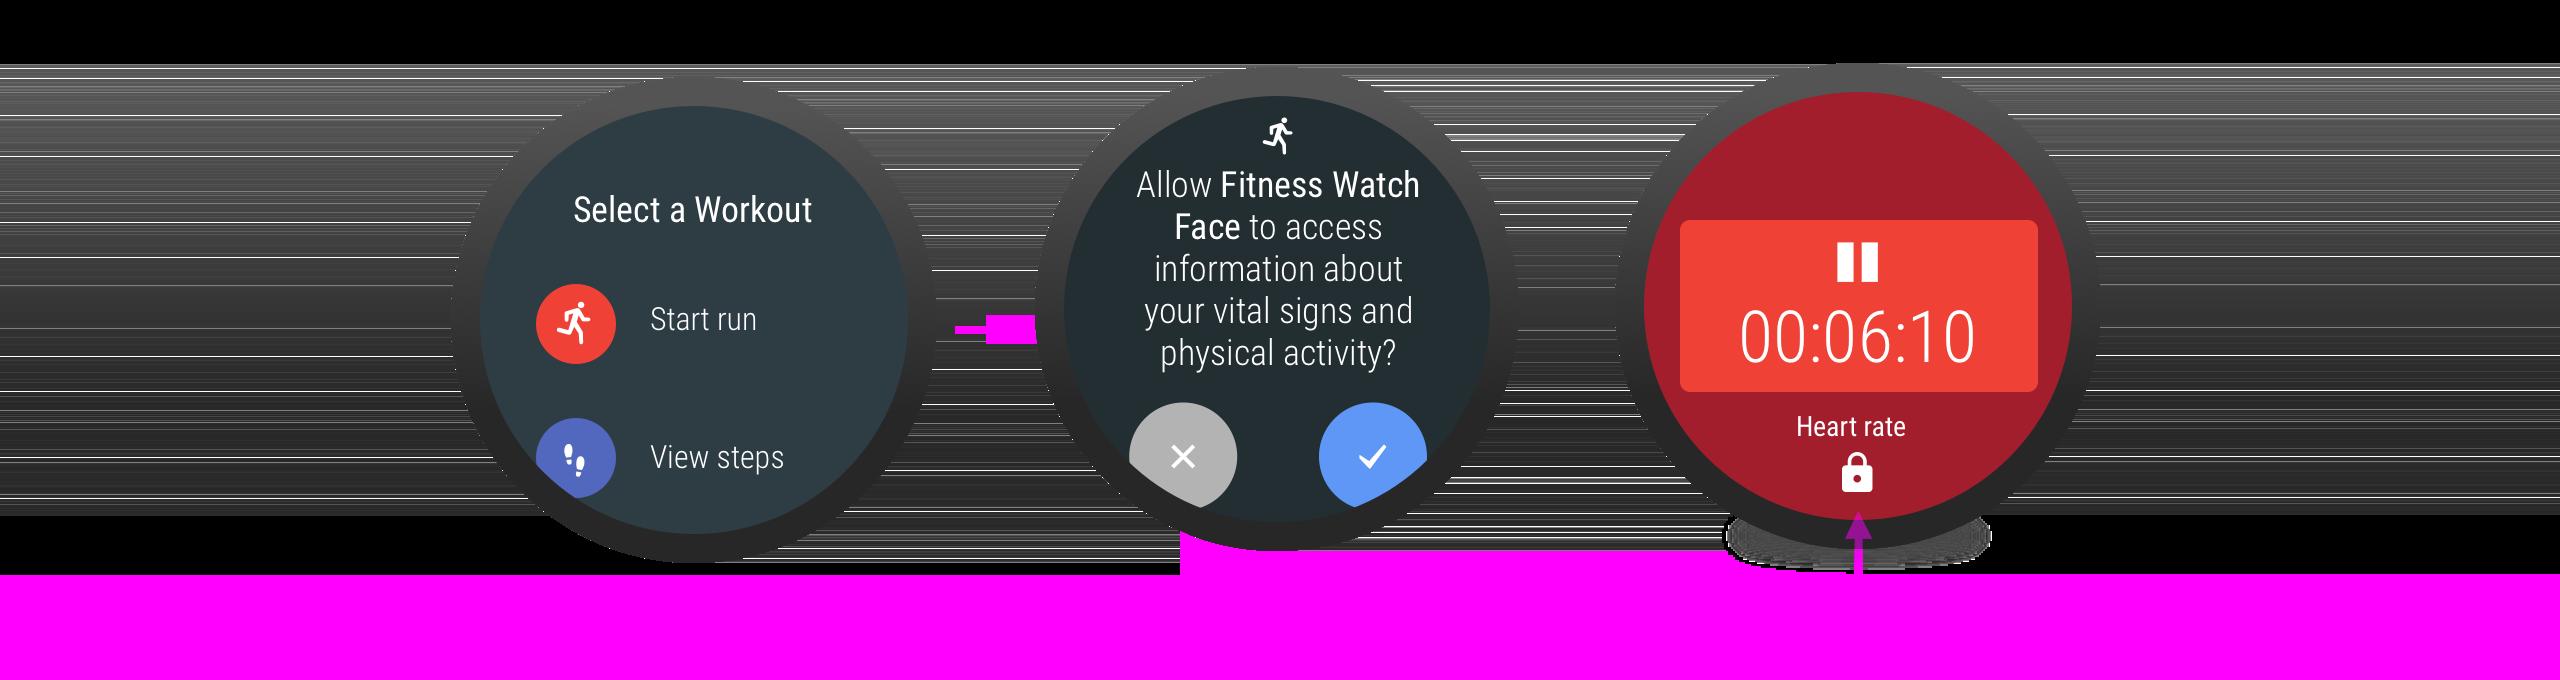 사용자가 권한을 거부하면 연결된 기능과 함께 자물쇠 아이콘이 표시됩니다.